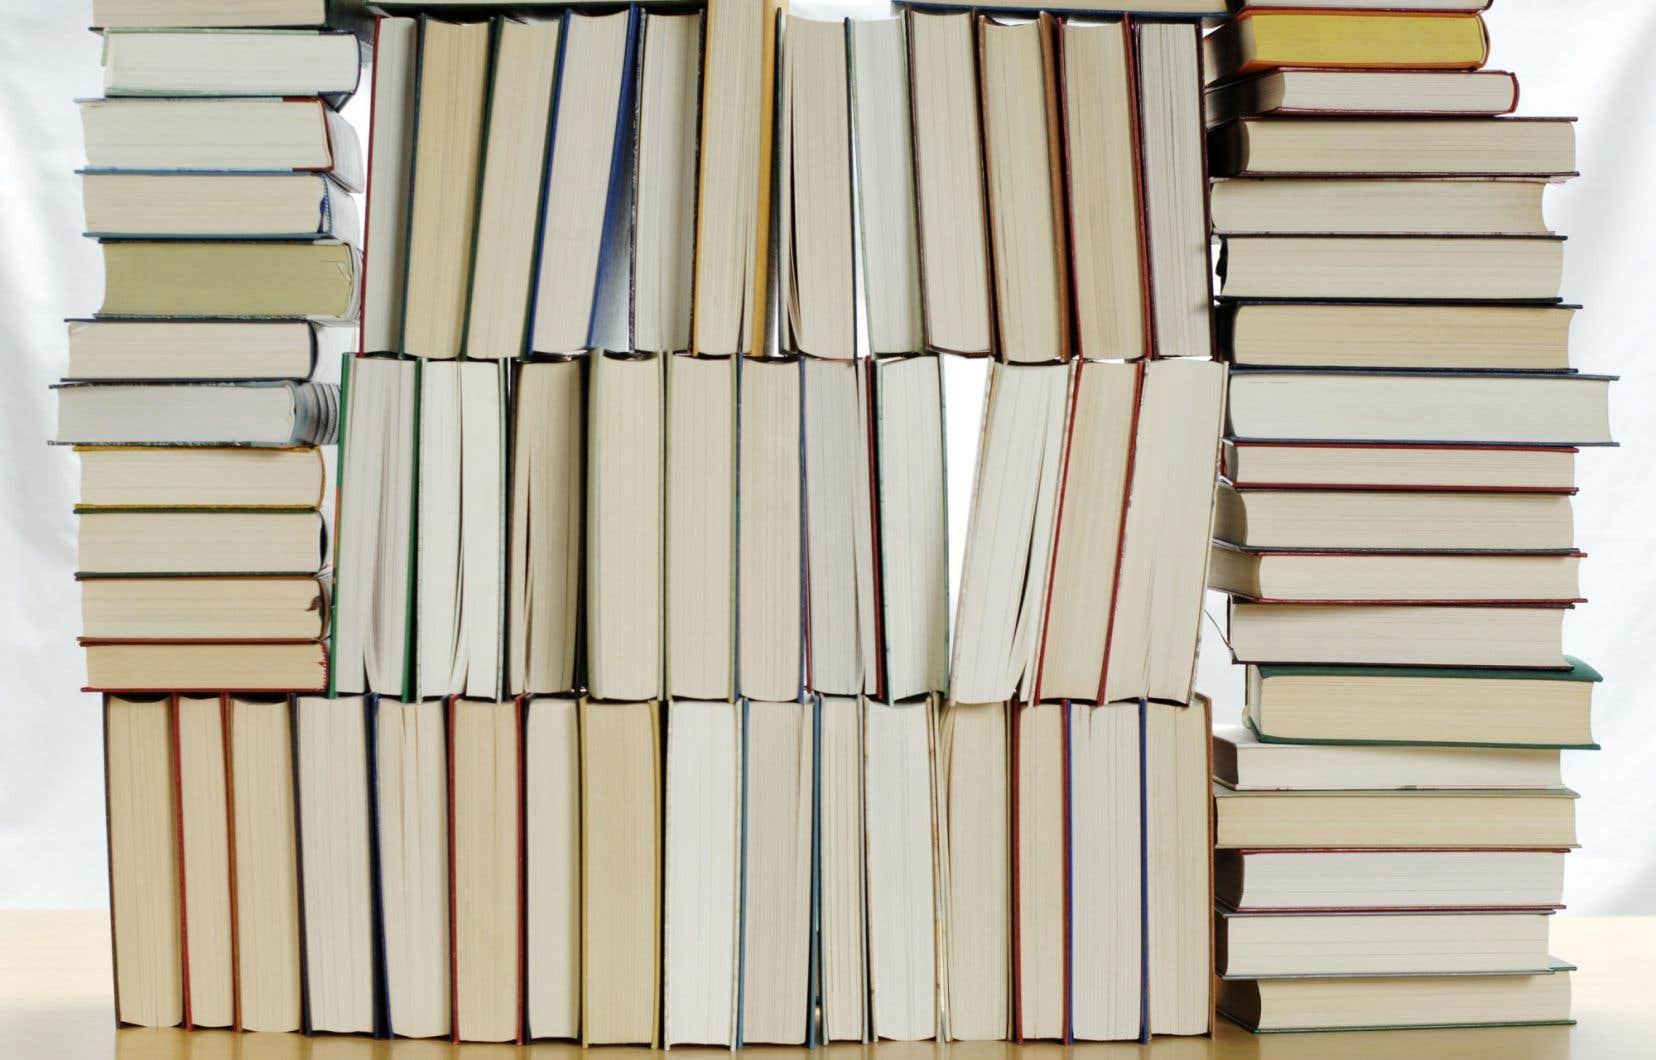 Une très légère hausse des ventes totales de livres — 0,5 % — donne une année presque semblable à 2012.